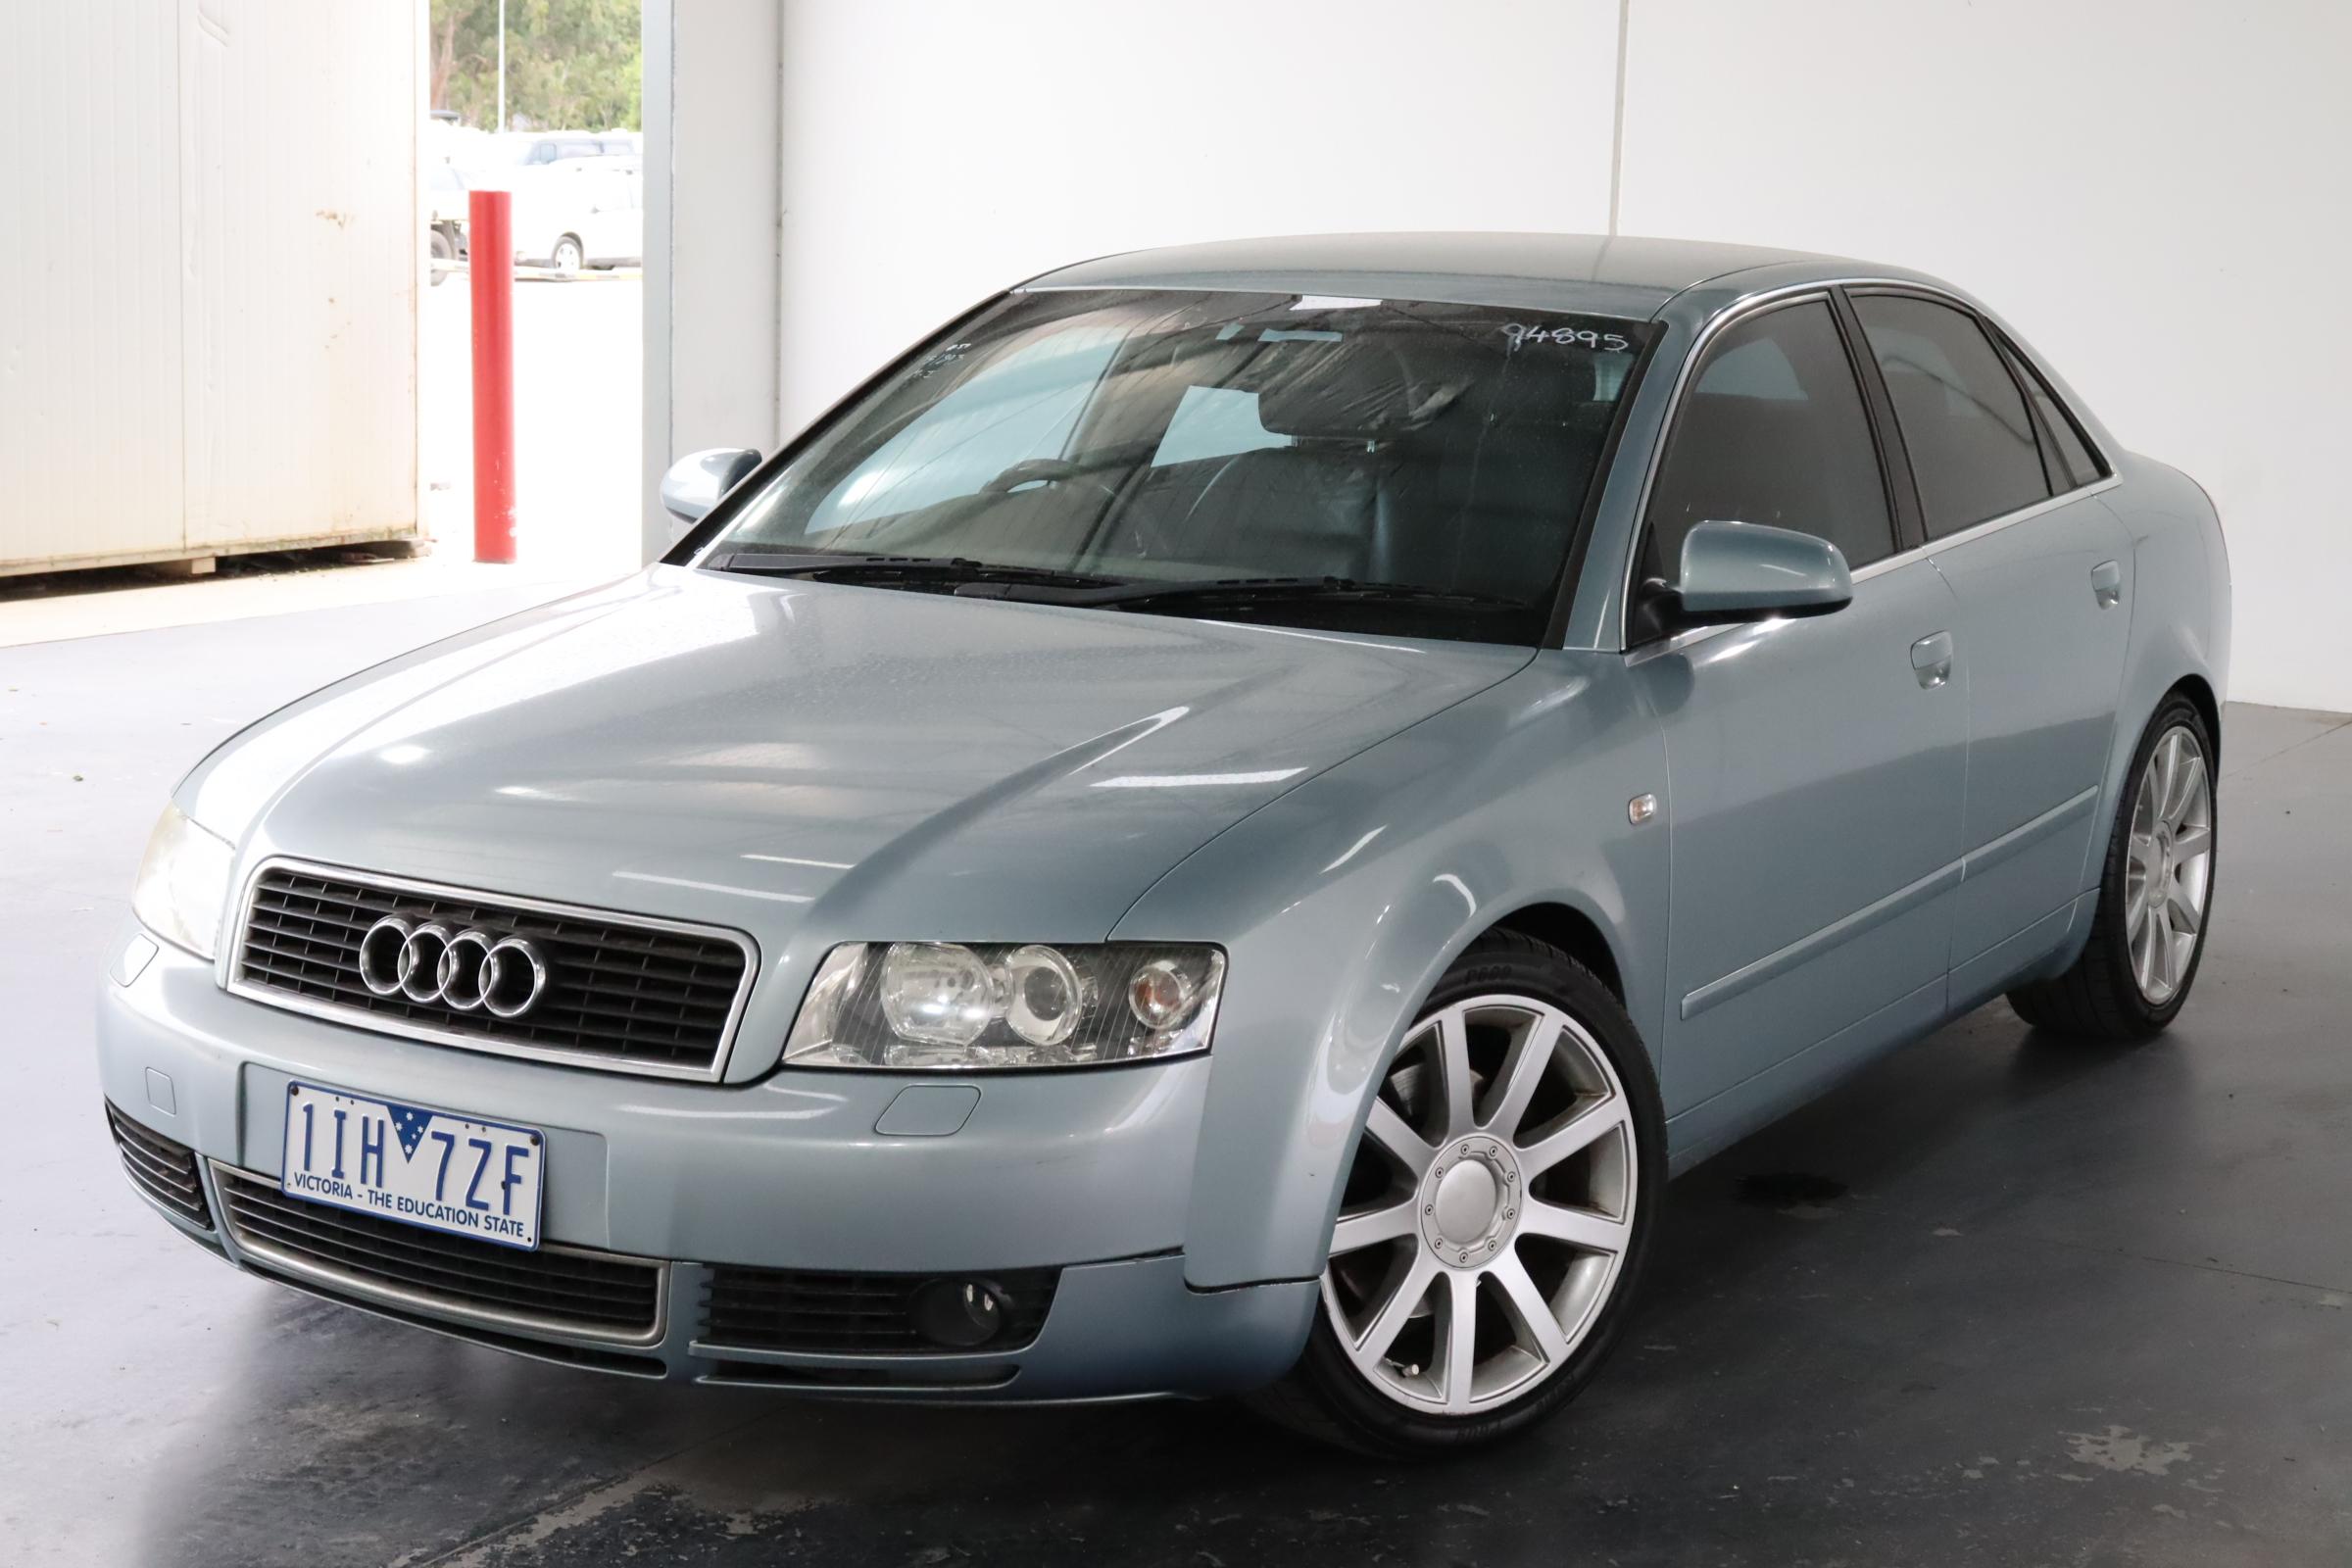 2002 Audi A4 3.0 B6 CVT Sedan